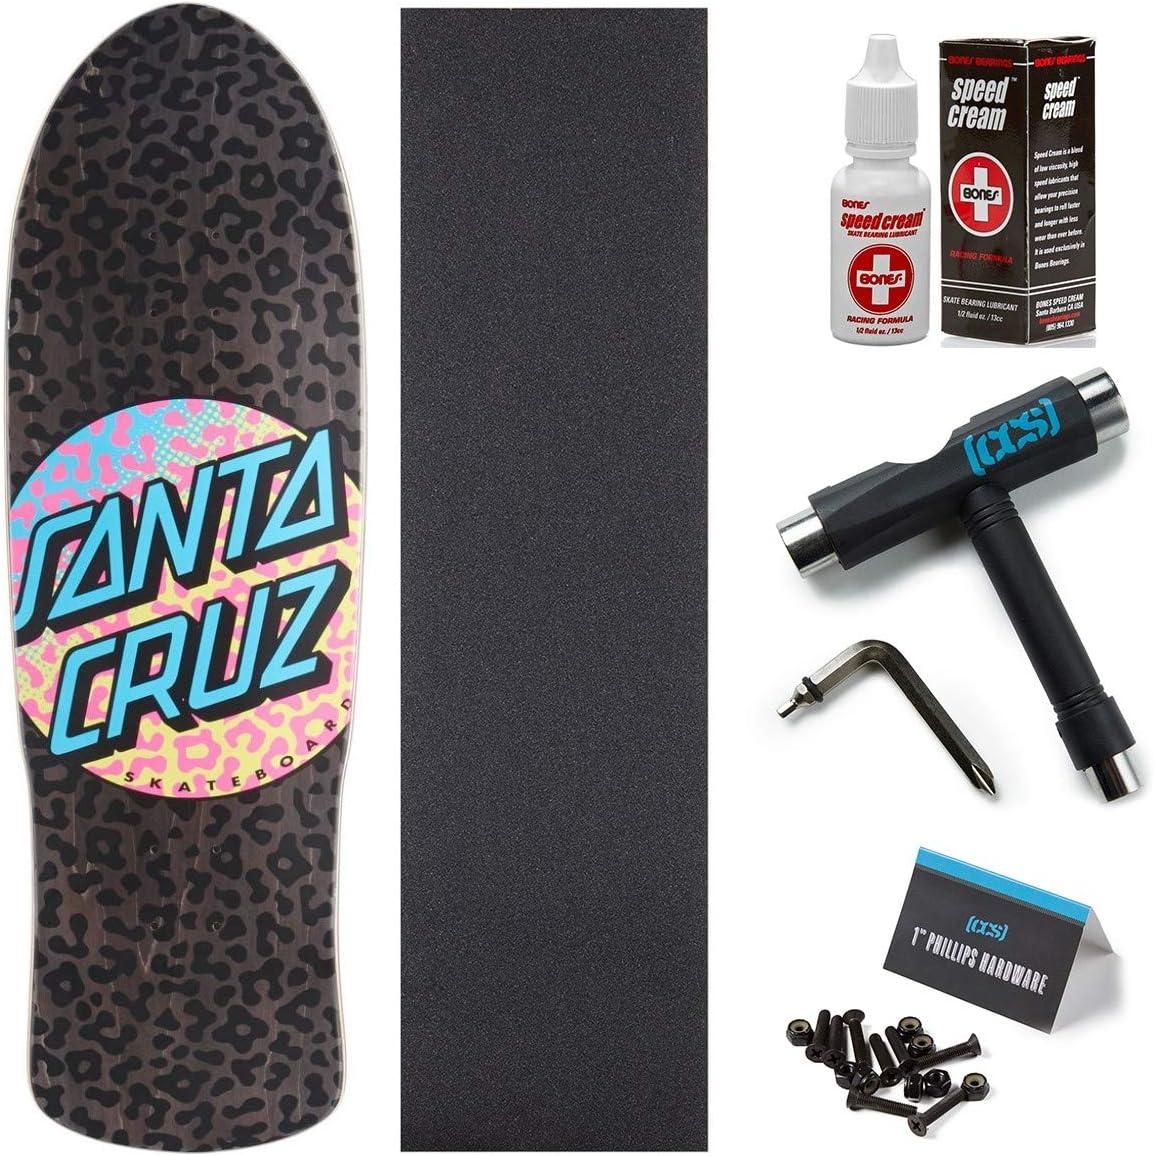 Santa Cruz Prowl Dot Preissue スケートボードデッキ - 9.42インチ 骨スピードクリーム付き CCSグリップ スケートツール 1インチ金具付き